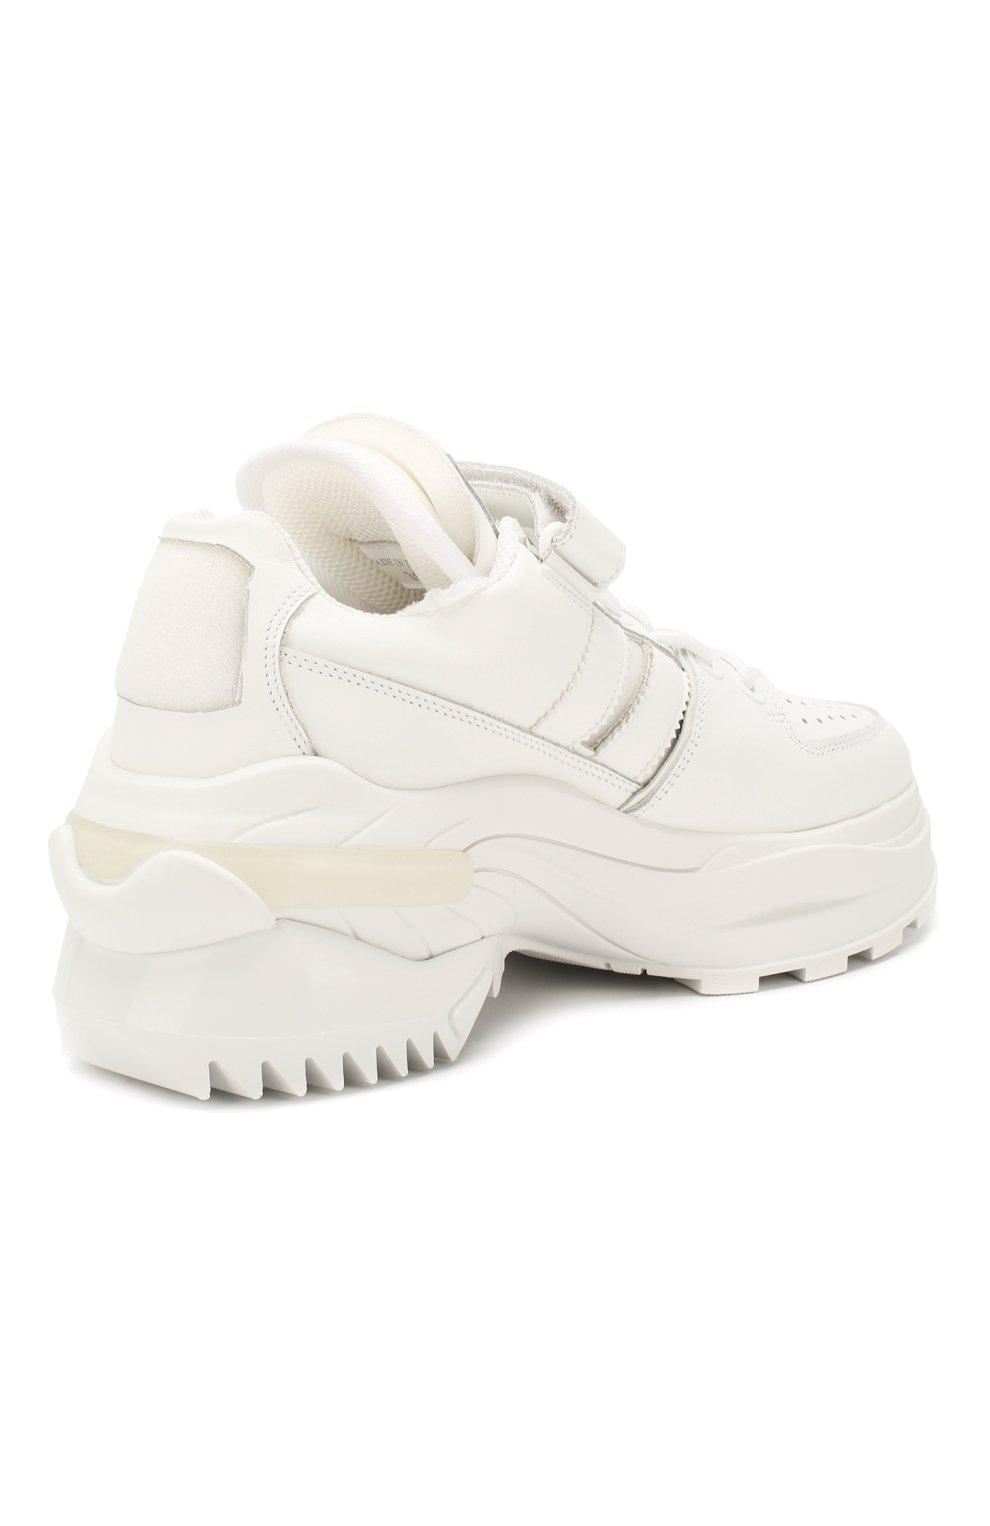 Женские кожаные кроссовки retro fit MAISON MARGIELA белого цвета, арт. S39WS0037/P2695 | Фото 4